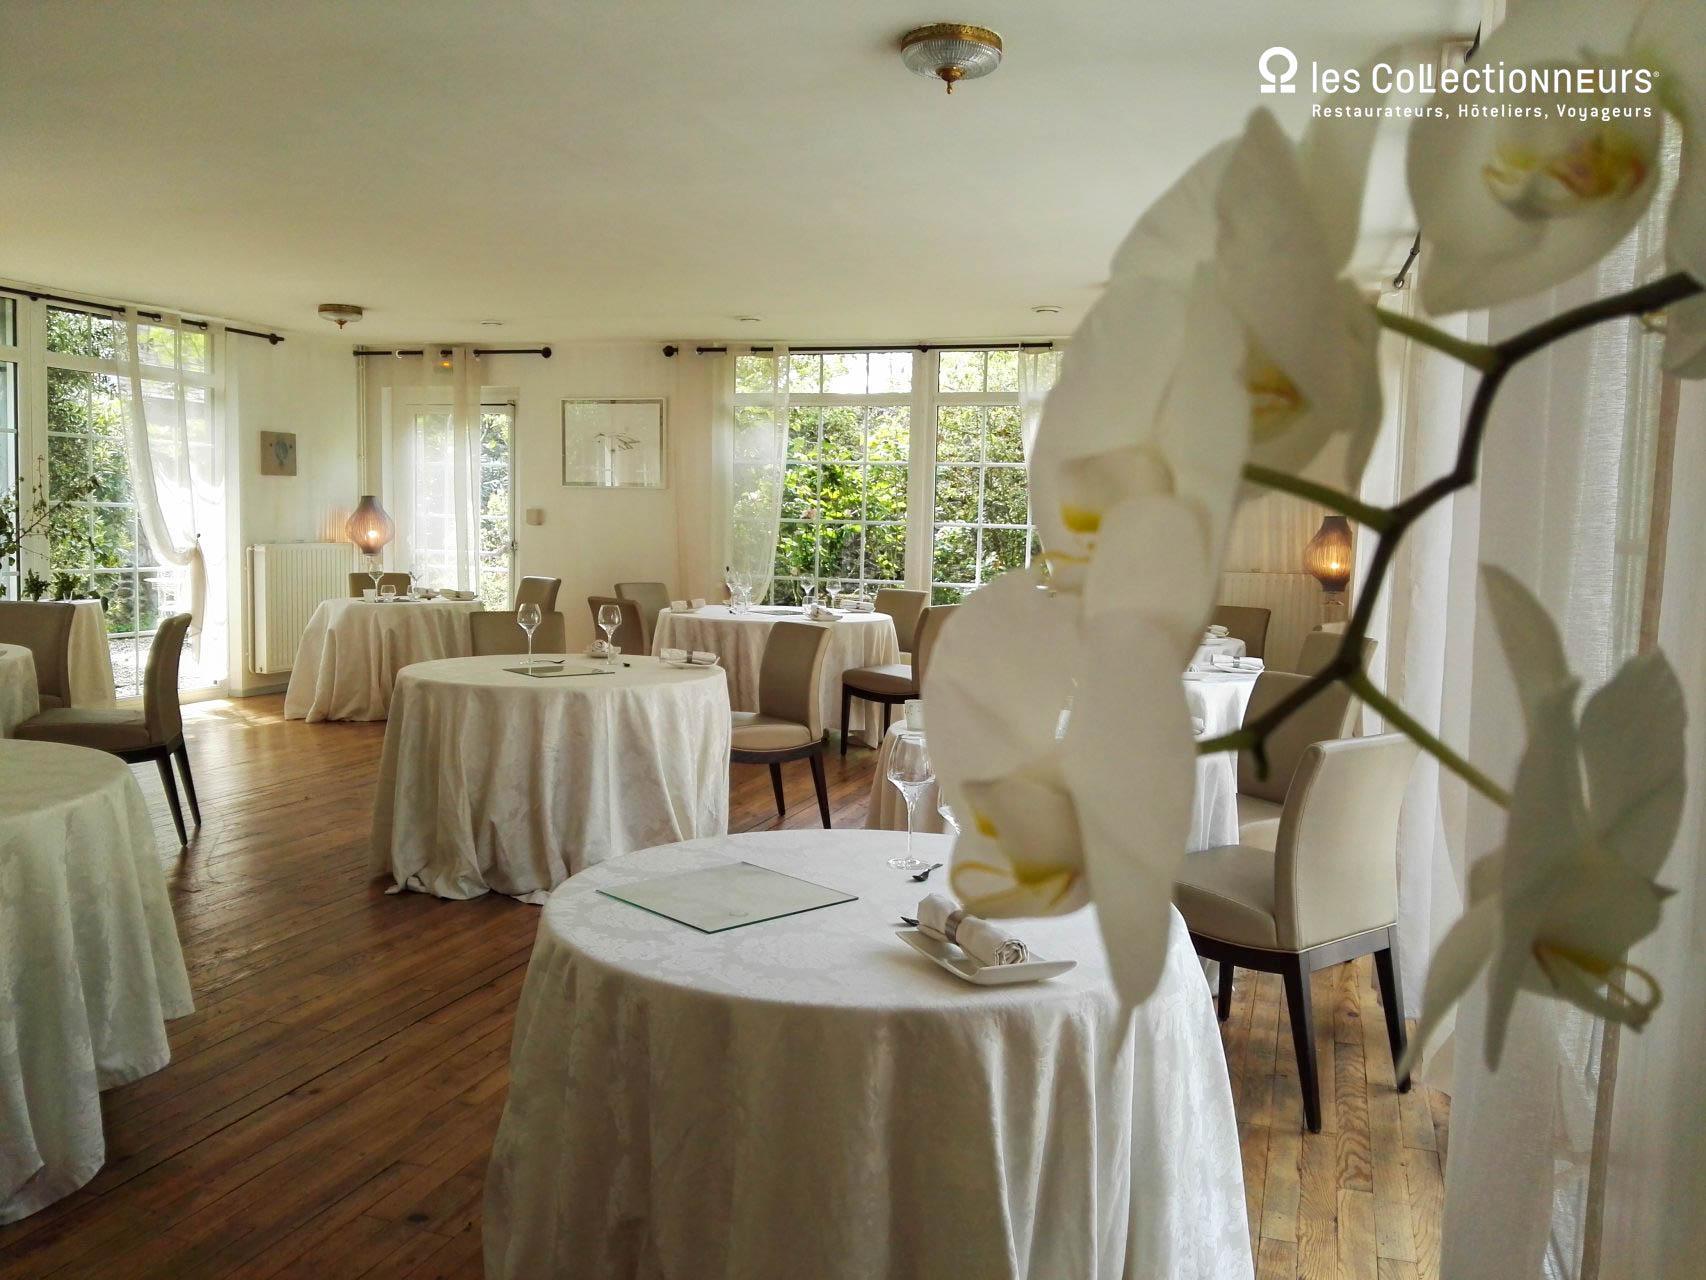 Le Mascaret — Salle du restaurant © Les Collectionneurs